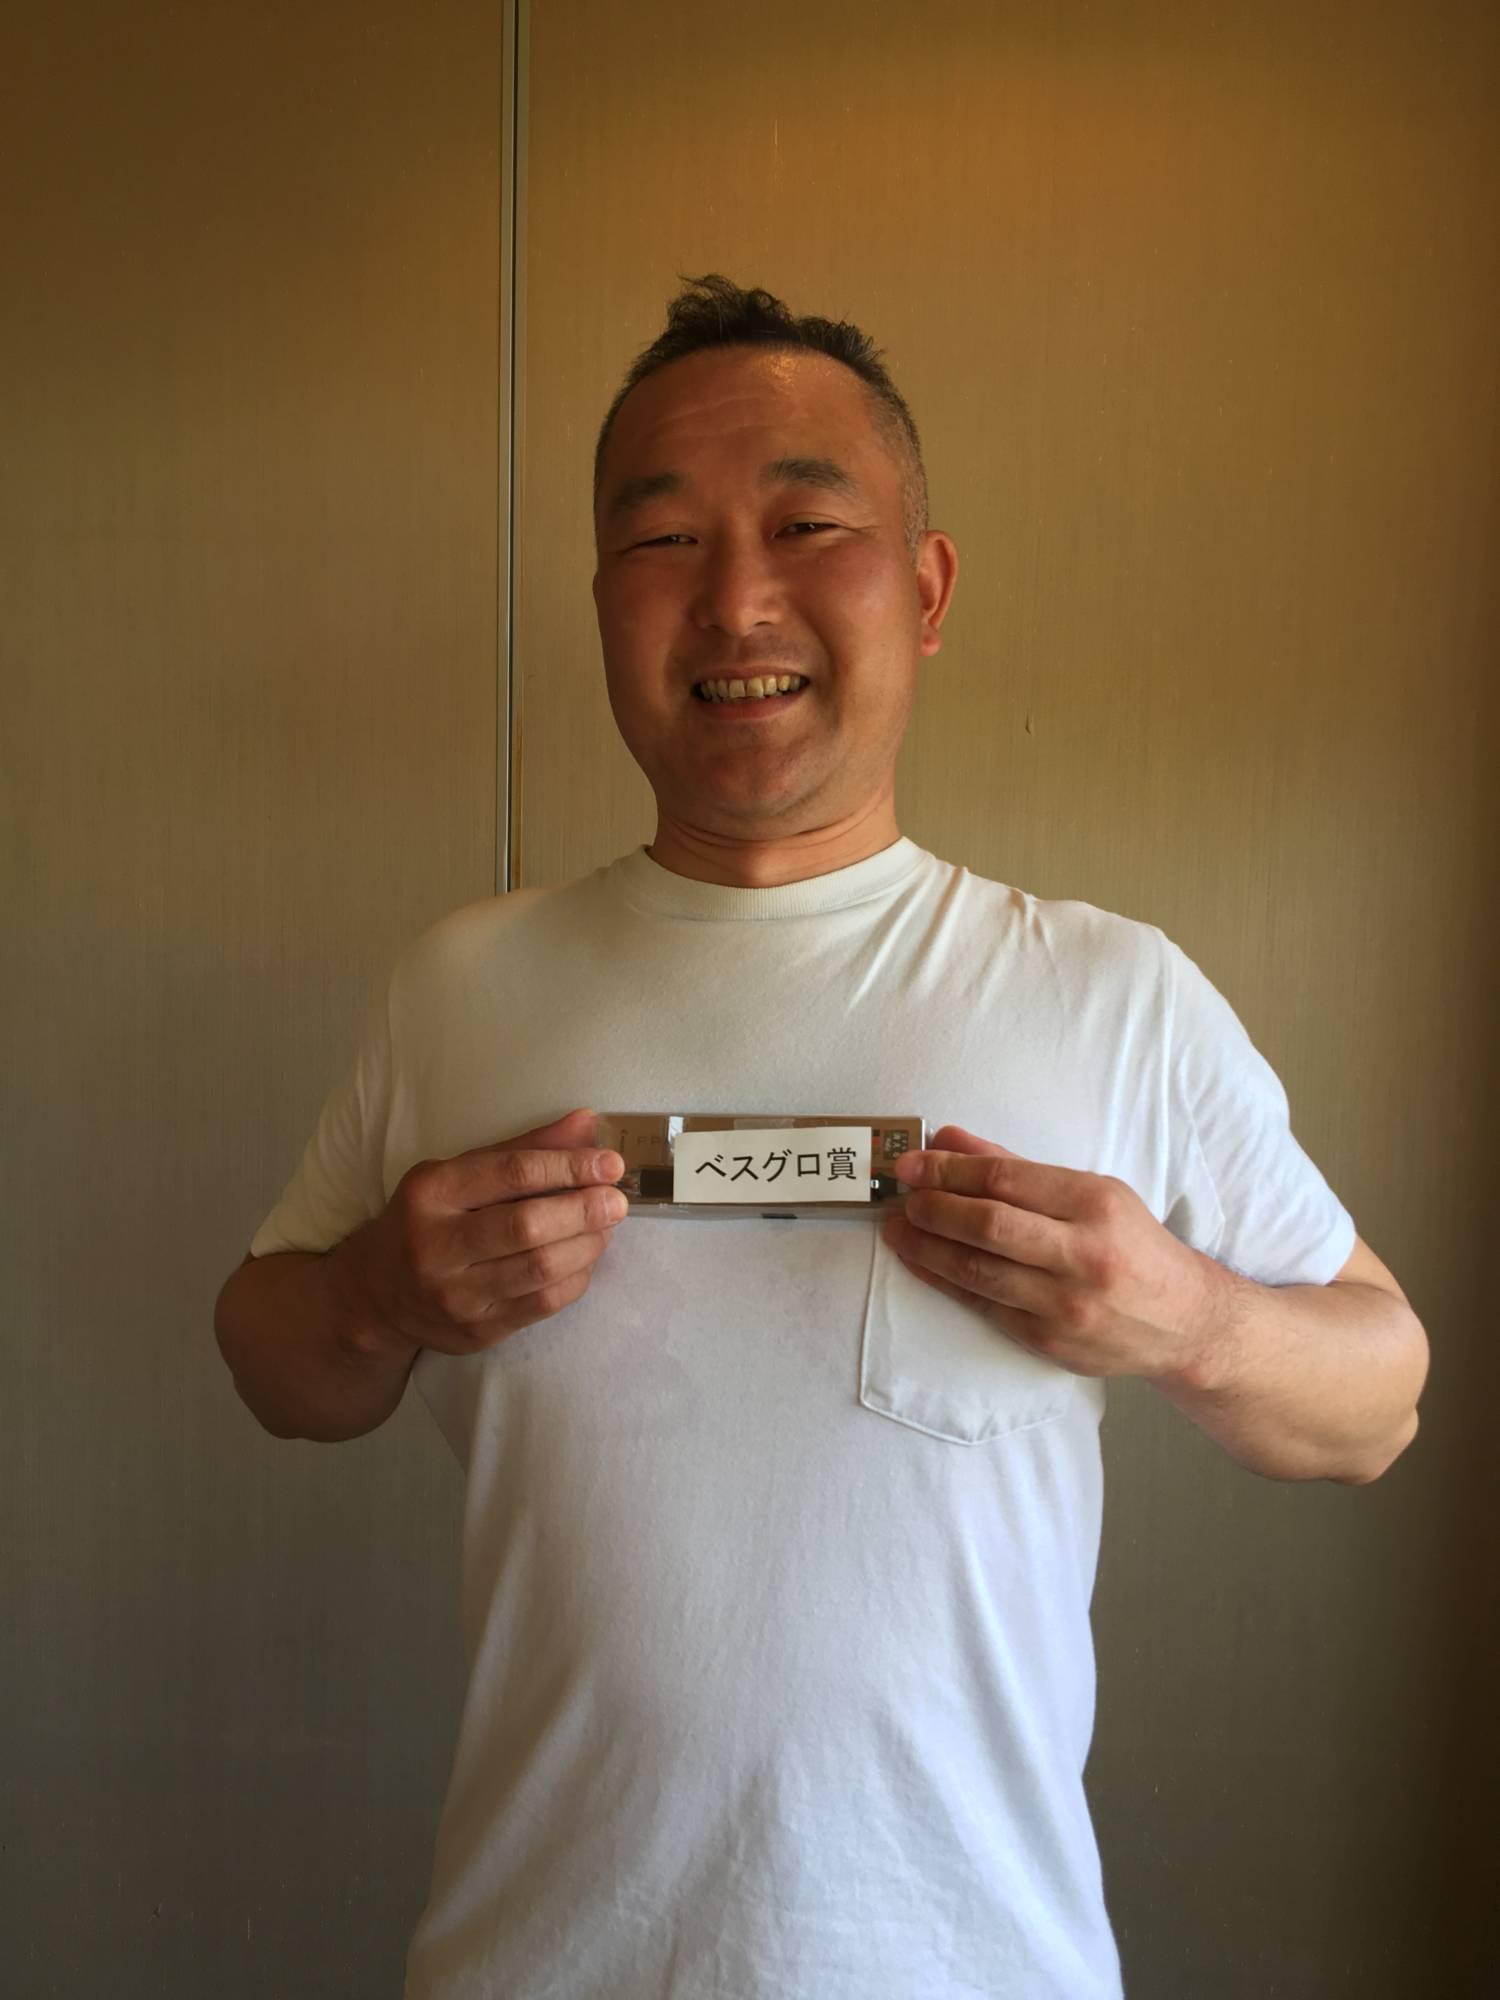 ベスグロ賞 藤田さん 消せるボールペン